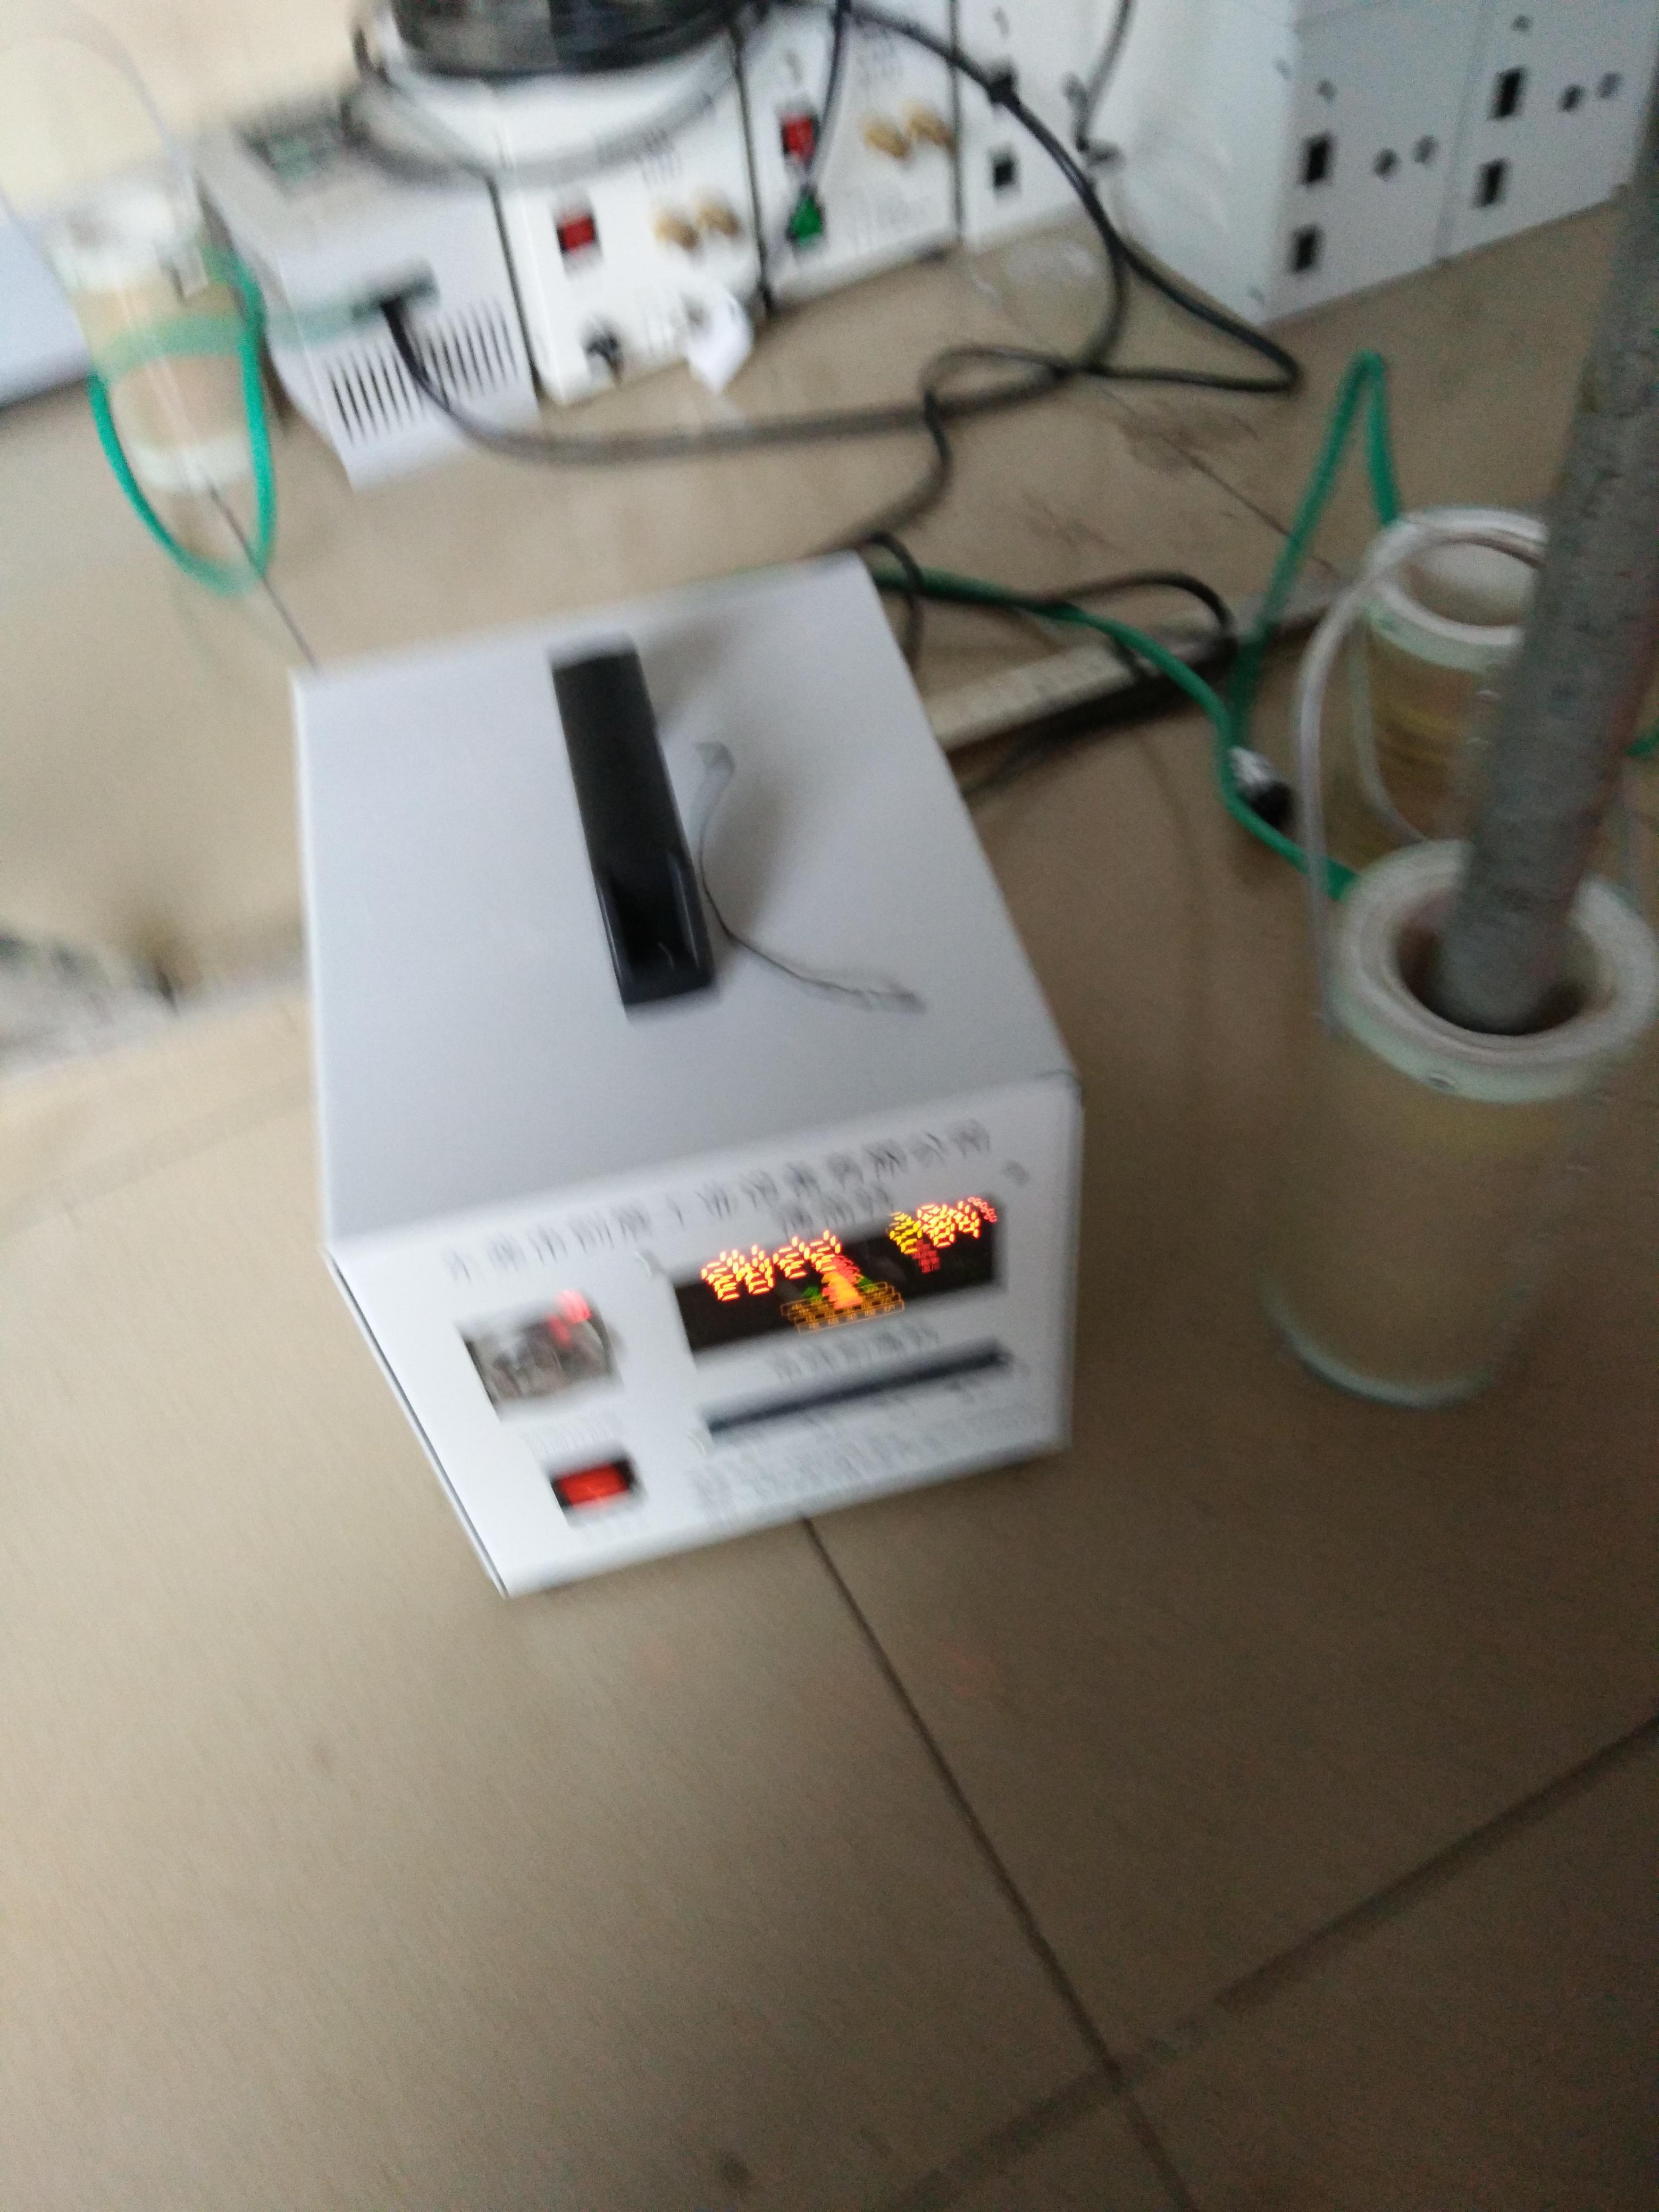 东莞 电烧射嘴机,电子加热器生产研发15年 博而特电烧射嘴机